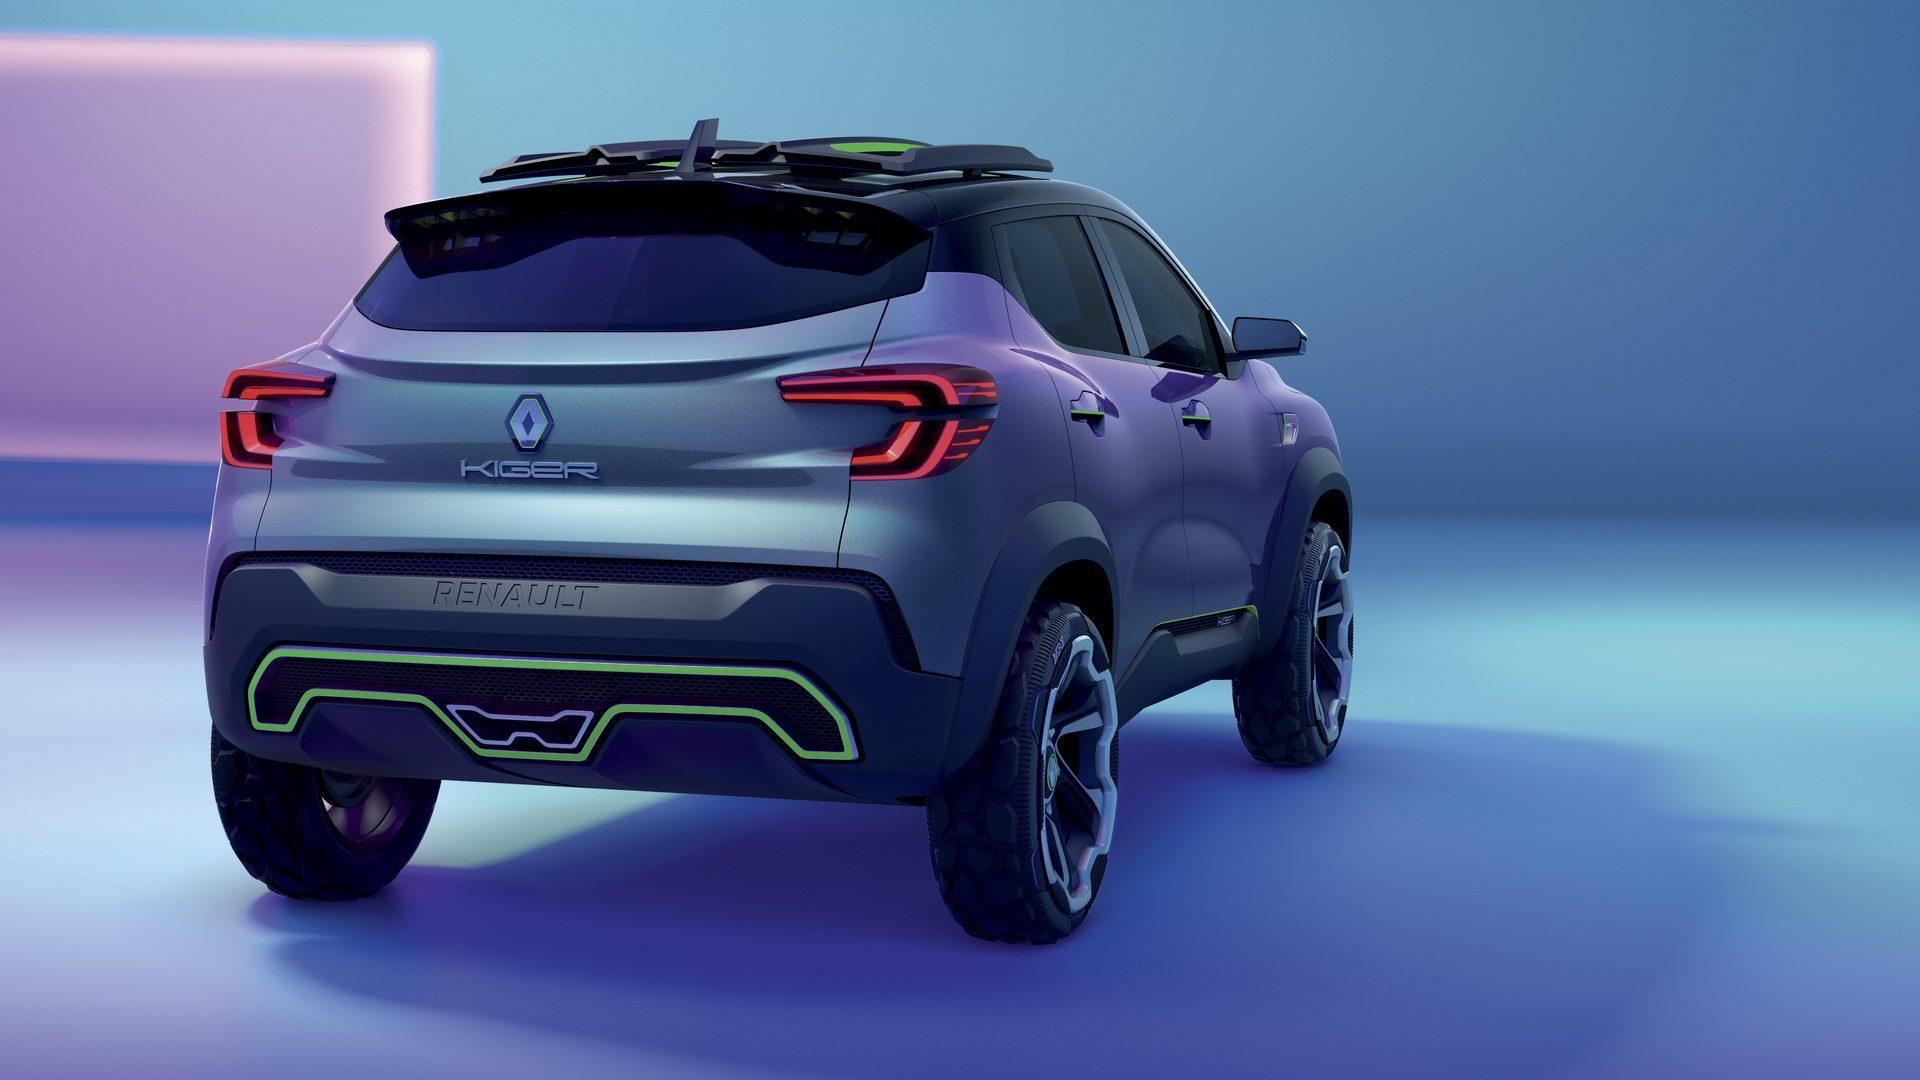 2020-Renault-Kiger-Concept-08